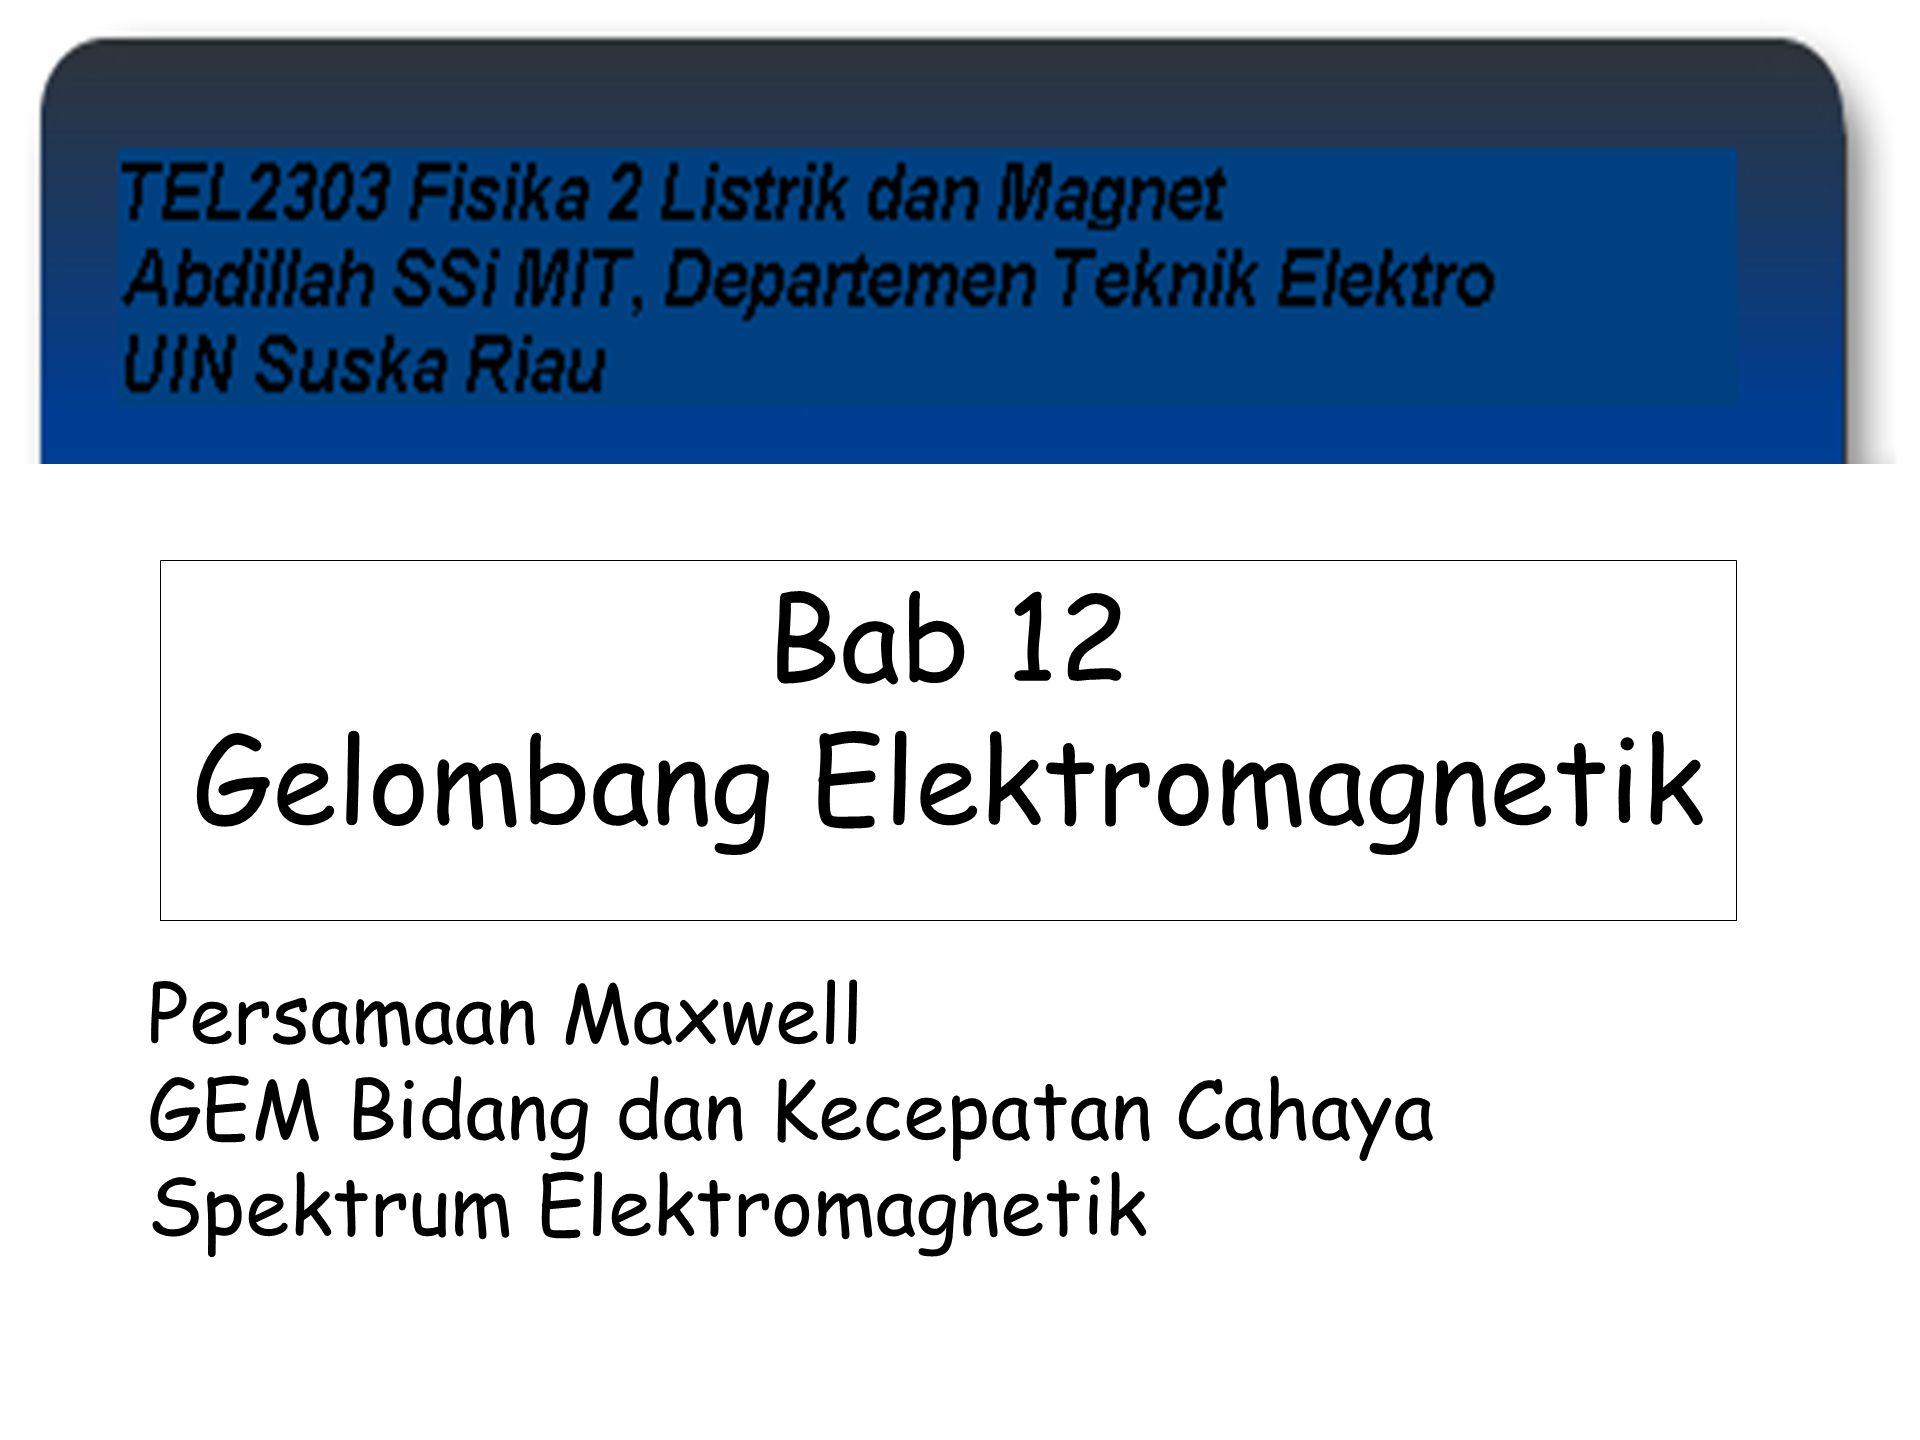 Persamaan Maxwell GEM Bidang dan Kecepatan Cahaya Spektrum Elektromagnetik Bab 12 Gelombang Elektromagnetik